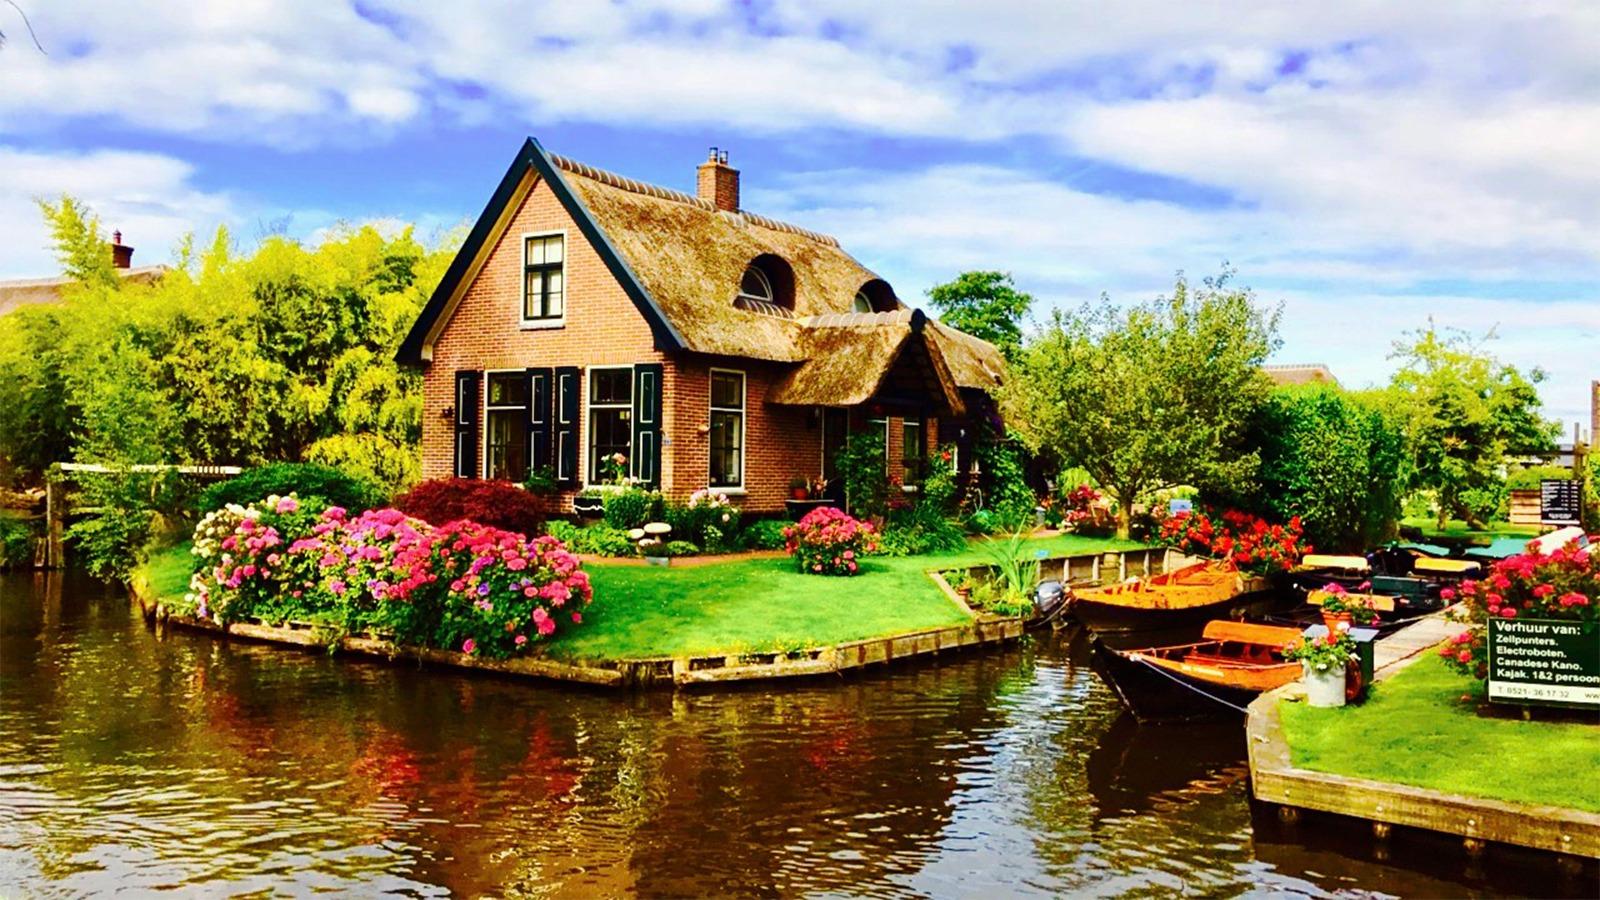 Giethoorn Belanda, Desa Paling Bebas Polusi di Dunia Yang Mempesona